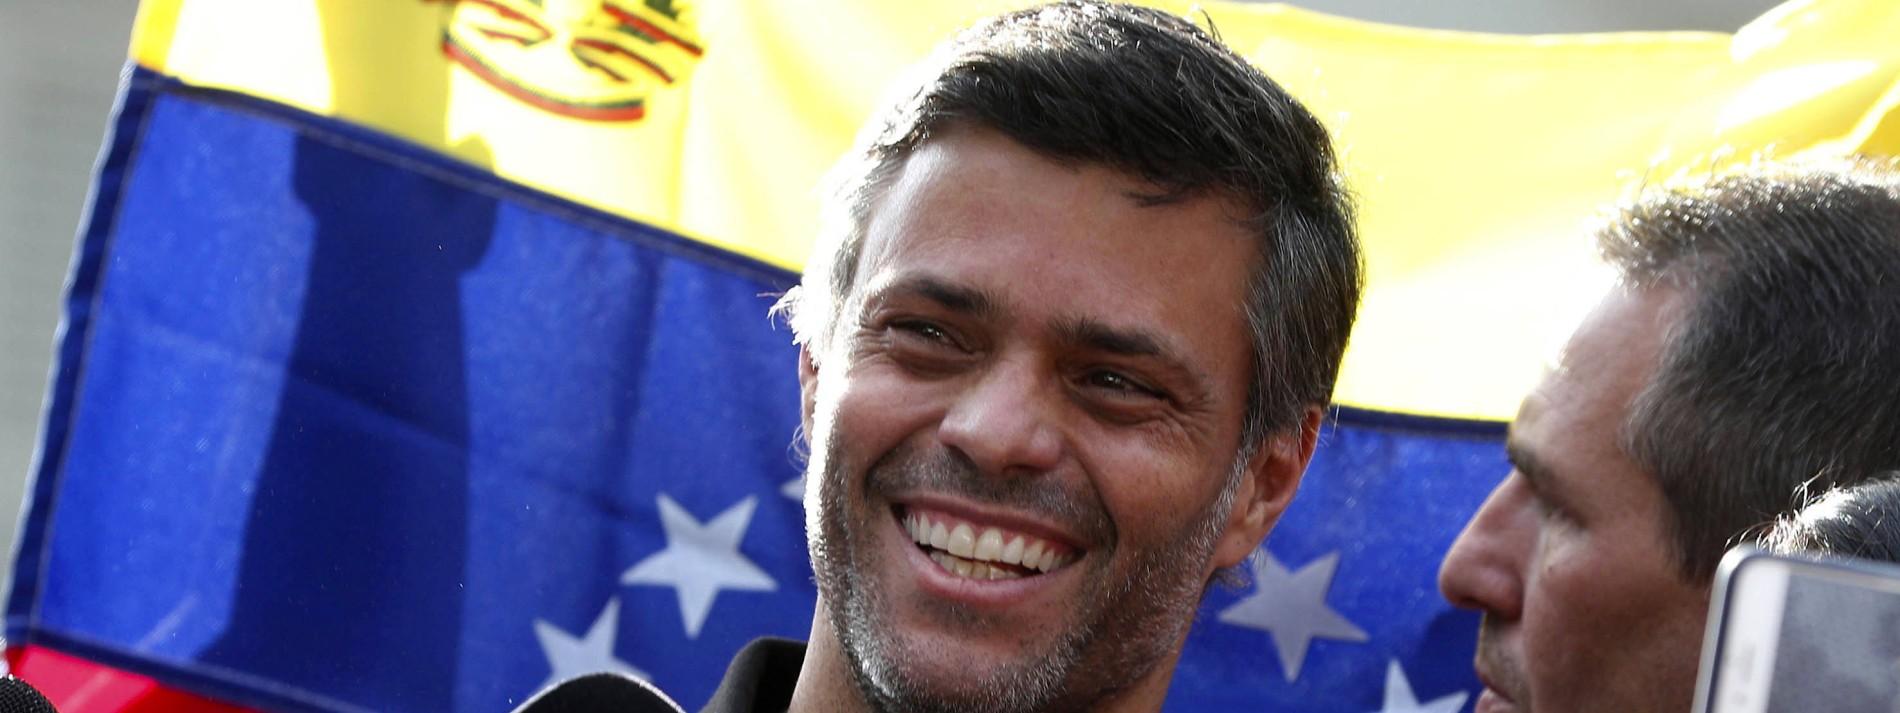 Leopoldo López soll Flucht aus Venezuela gelungen sein